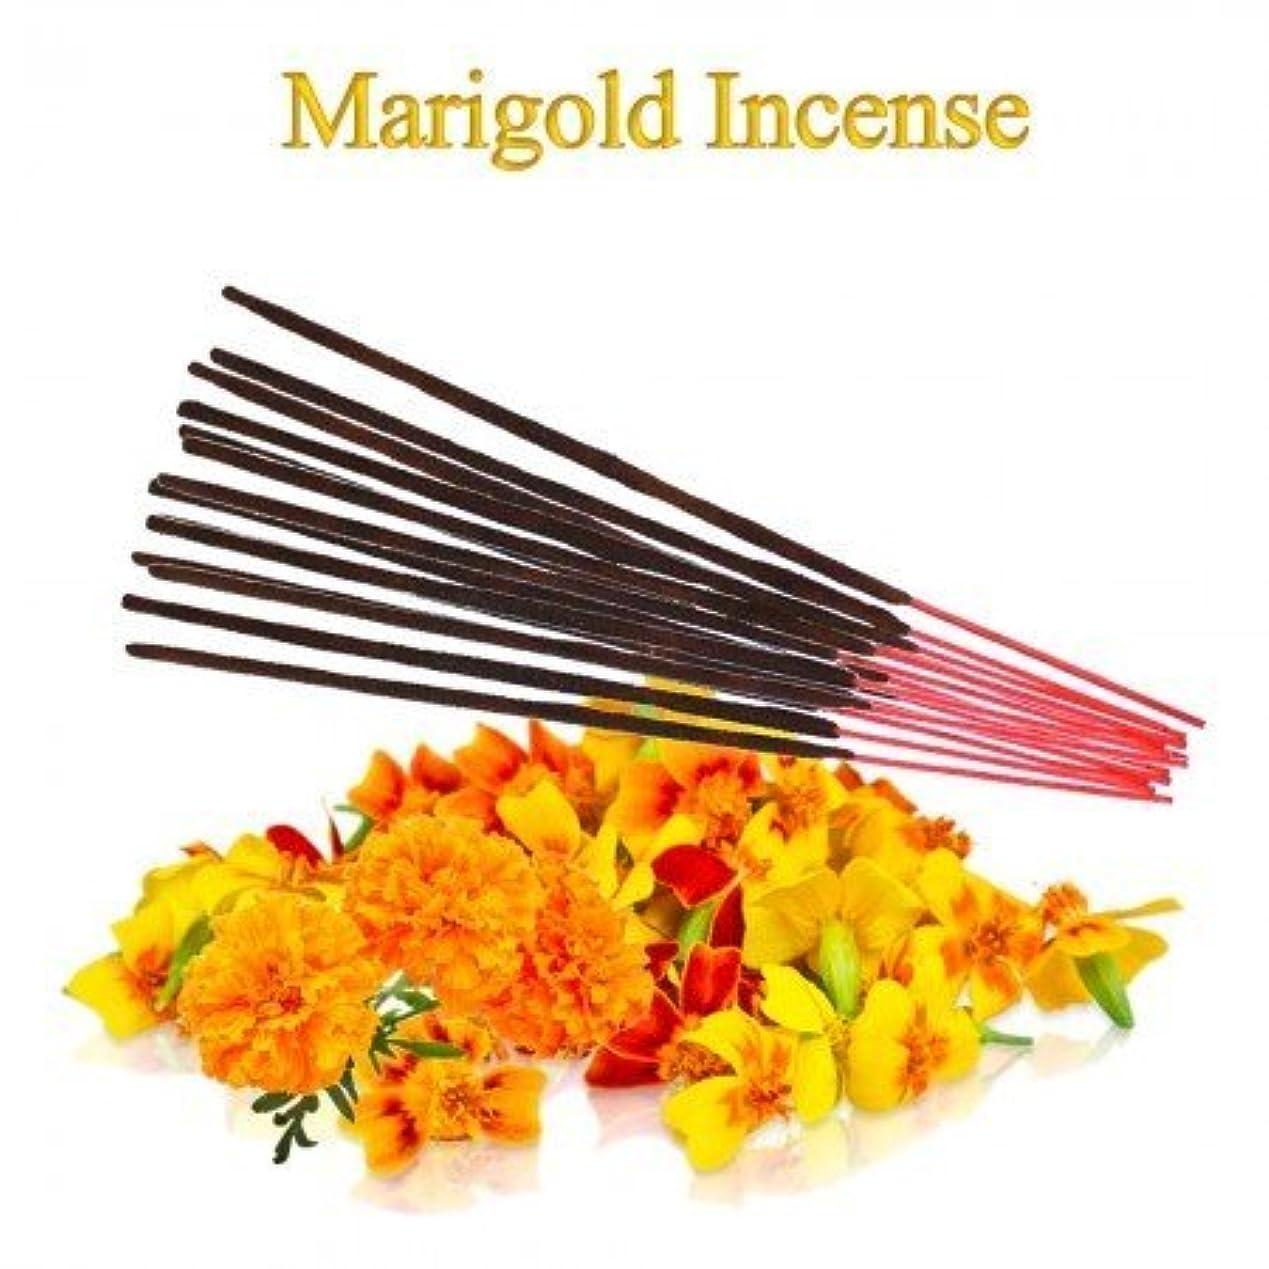 メロン世紀アニメーションMarigold Incense - 100 gms Divine World